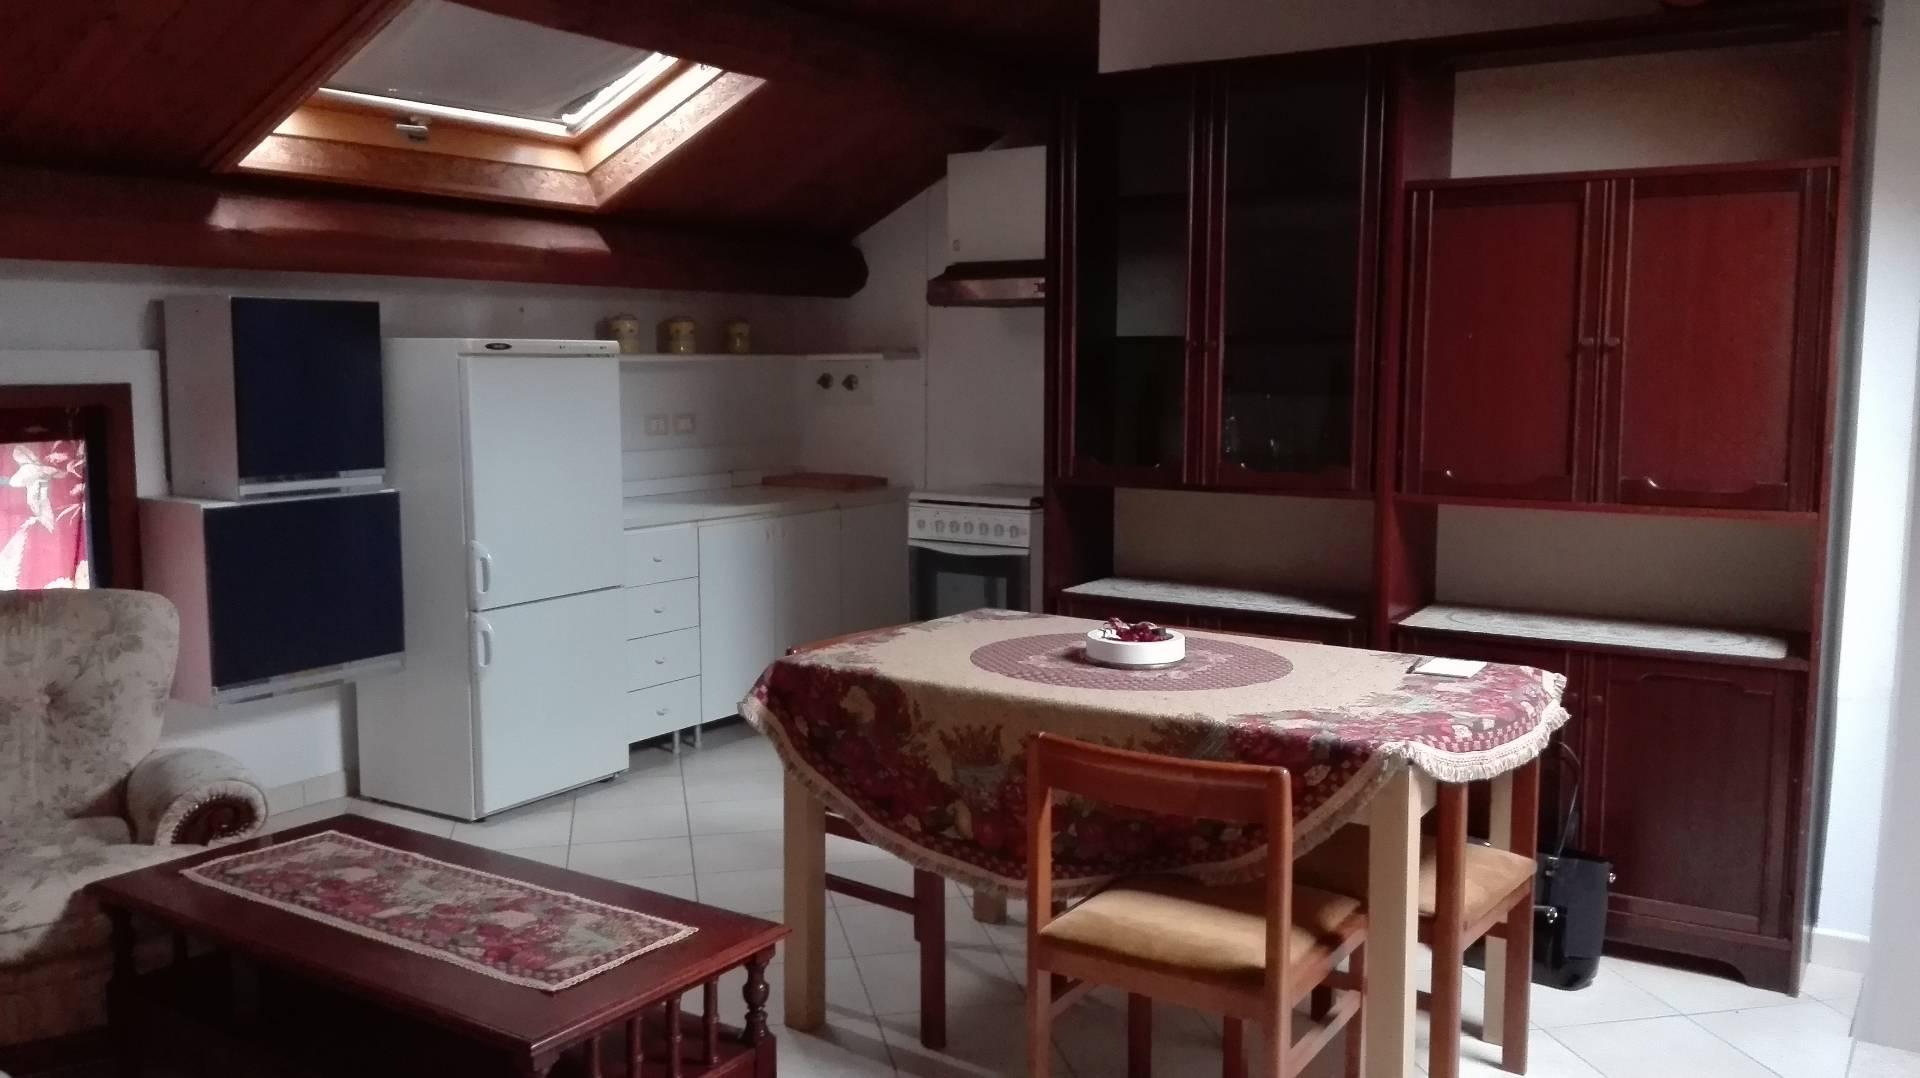 Appartamento in affitto a Bagnacavallo, 3 locali, zona Zona: Glorie, prezzo € 475 | Cambio Casa.it